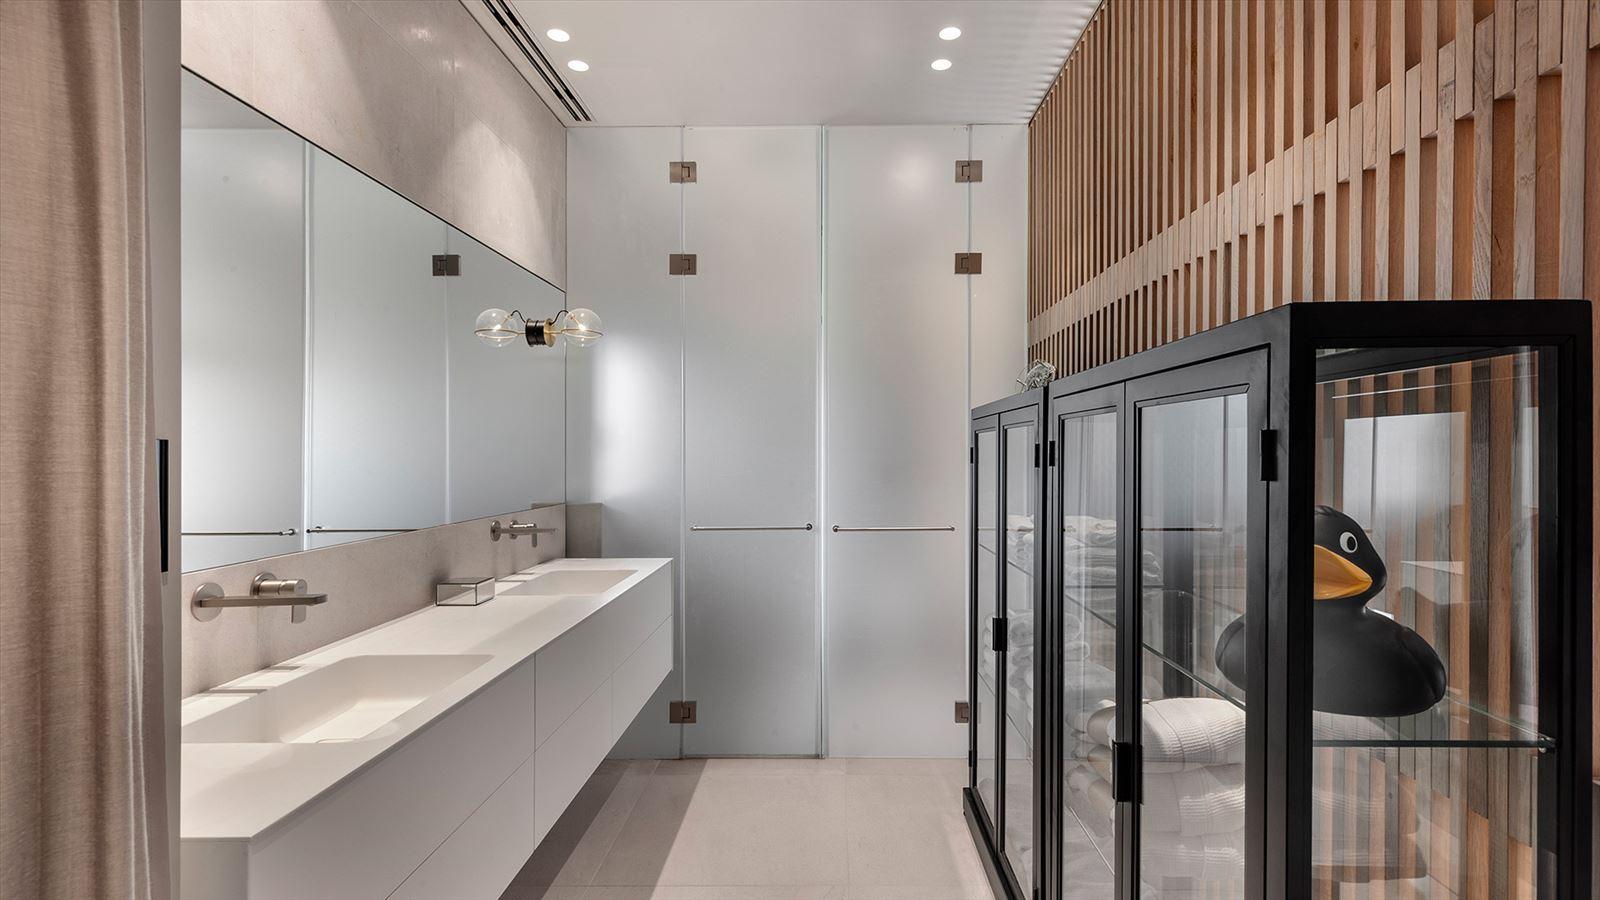 בוחרים גופי תאורה לאמבטיה - על מה חשוב שתקפידו?